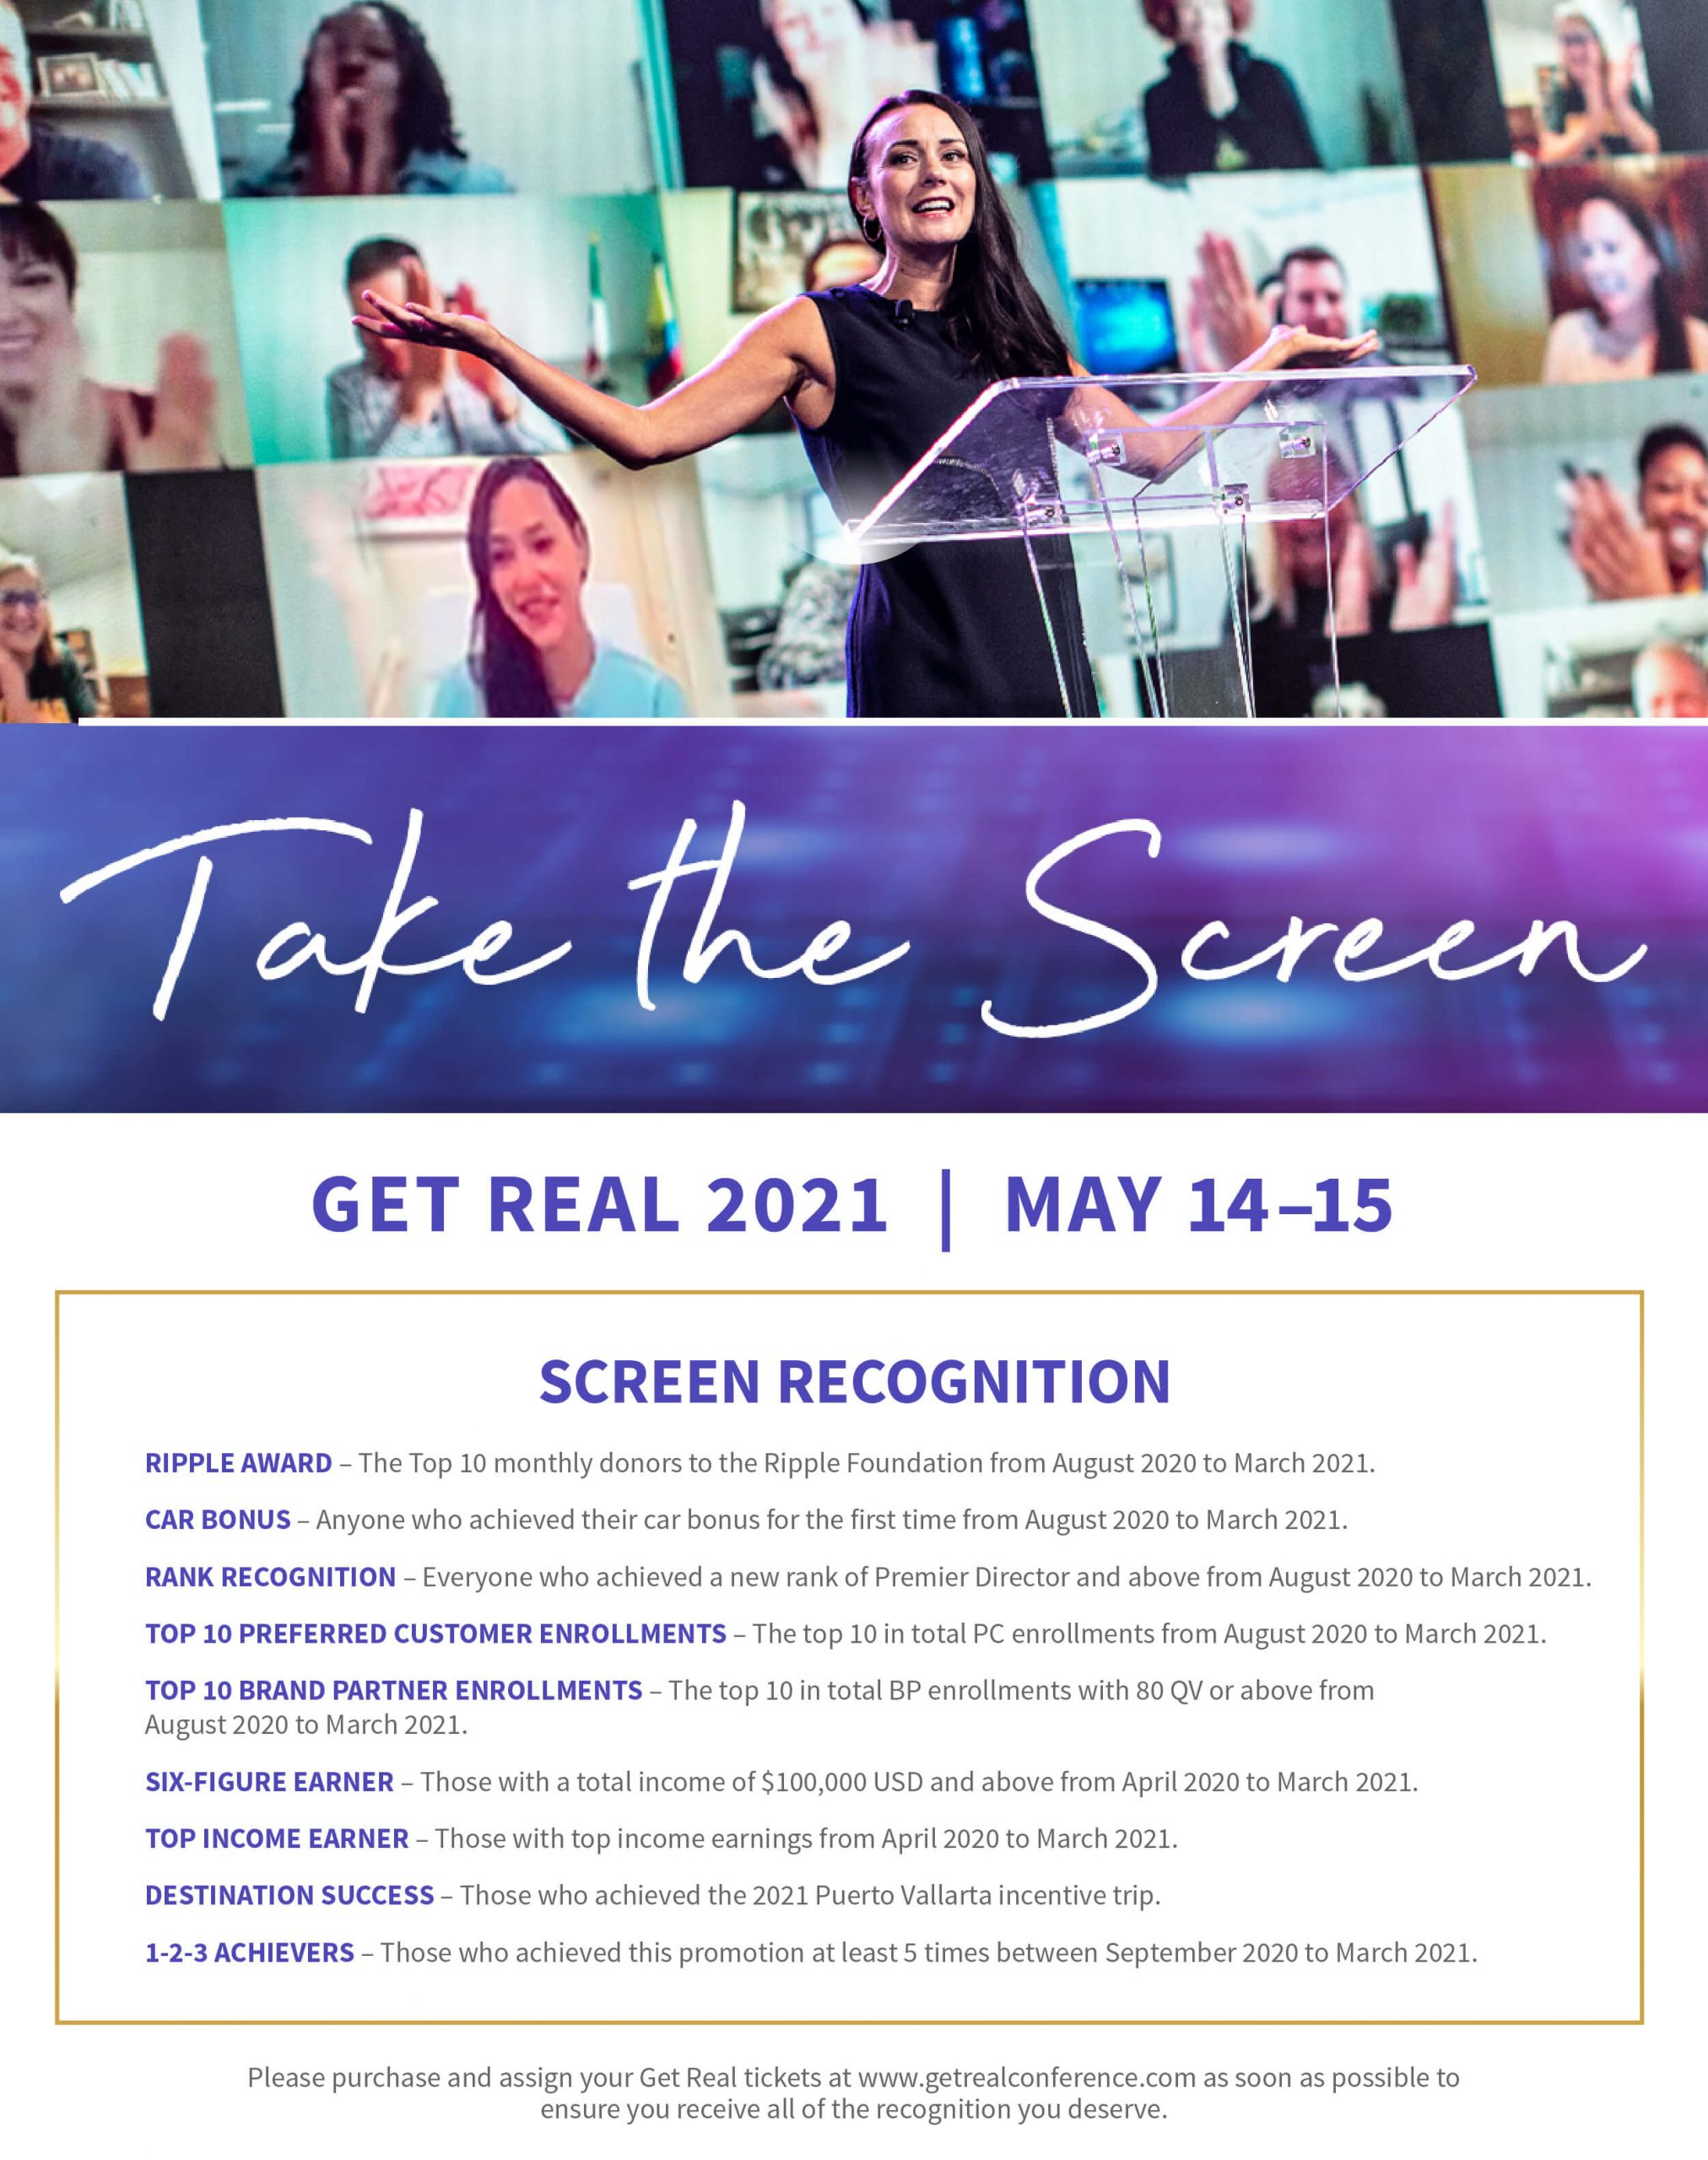 Take the Screen at Get Real 2021 | May 14-15